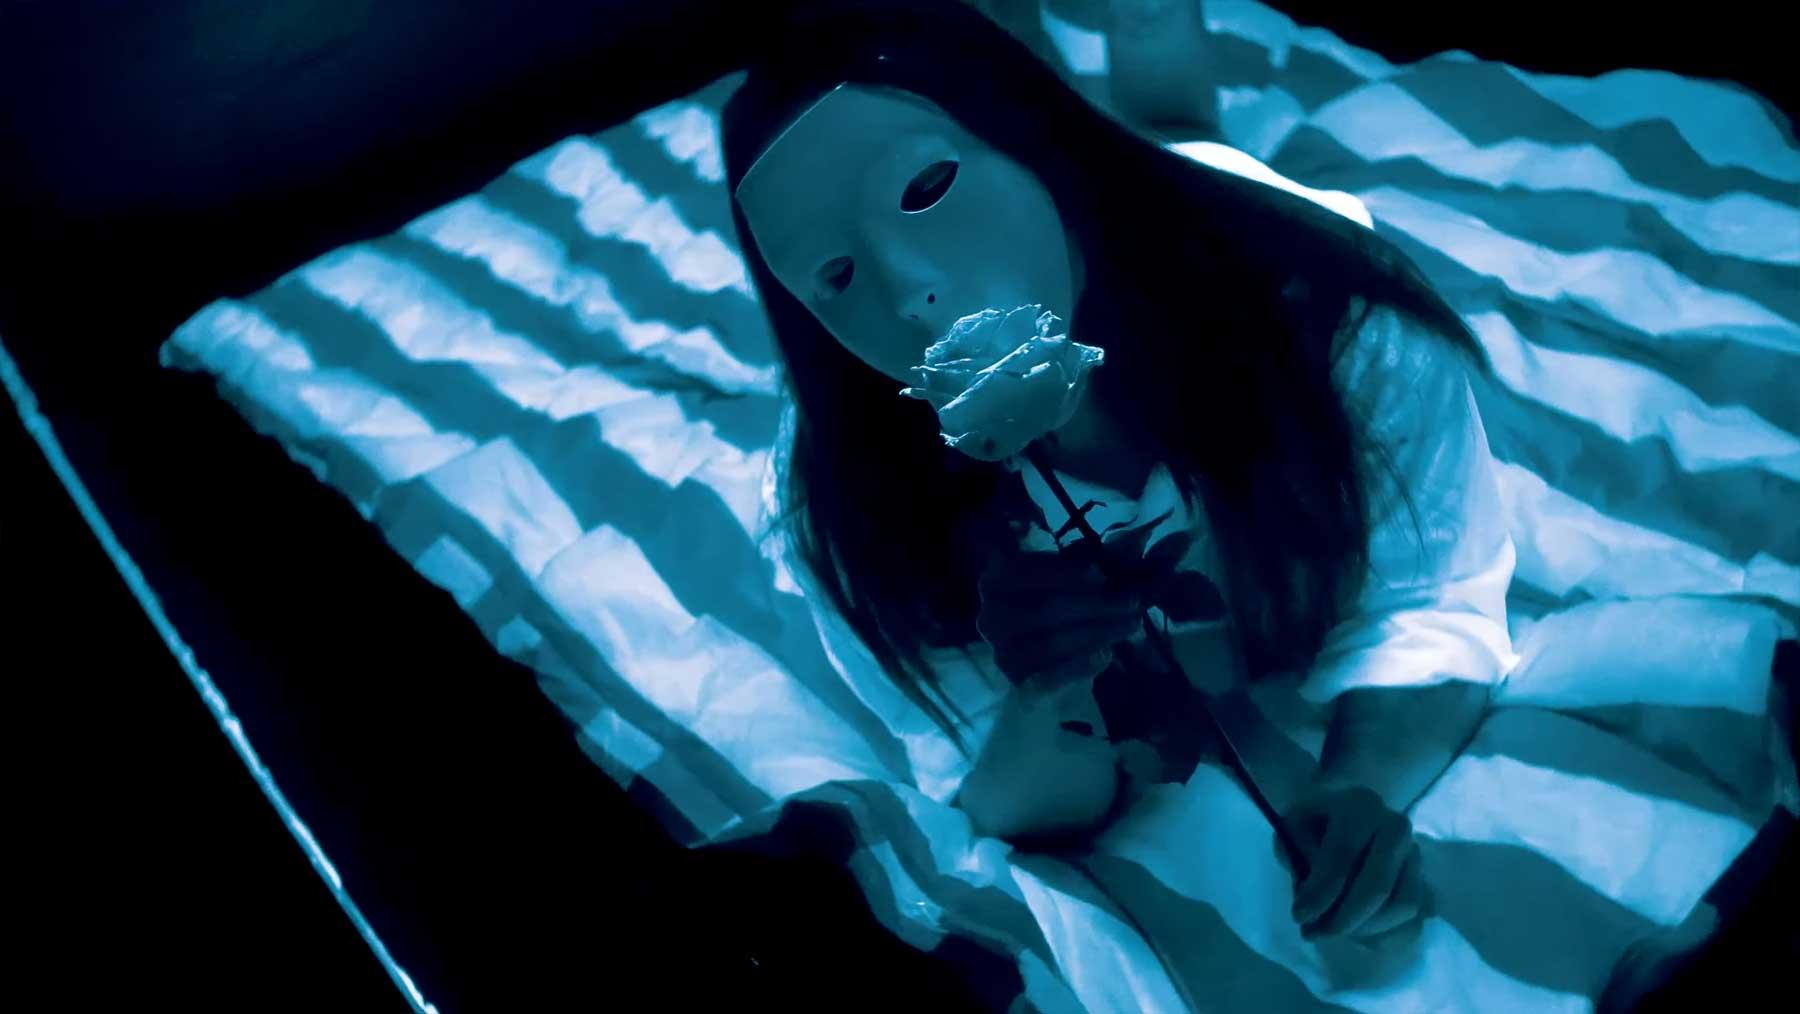 Musikvideo-Premiere: BETAMENSCH - Neonlicht BETAMENSCH-Neonlicht-Musikvideo-Premiere